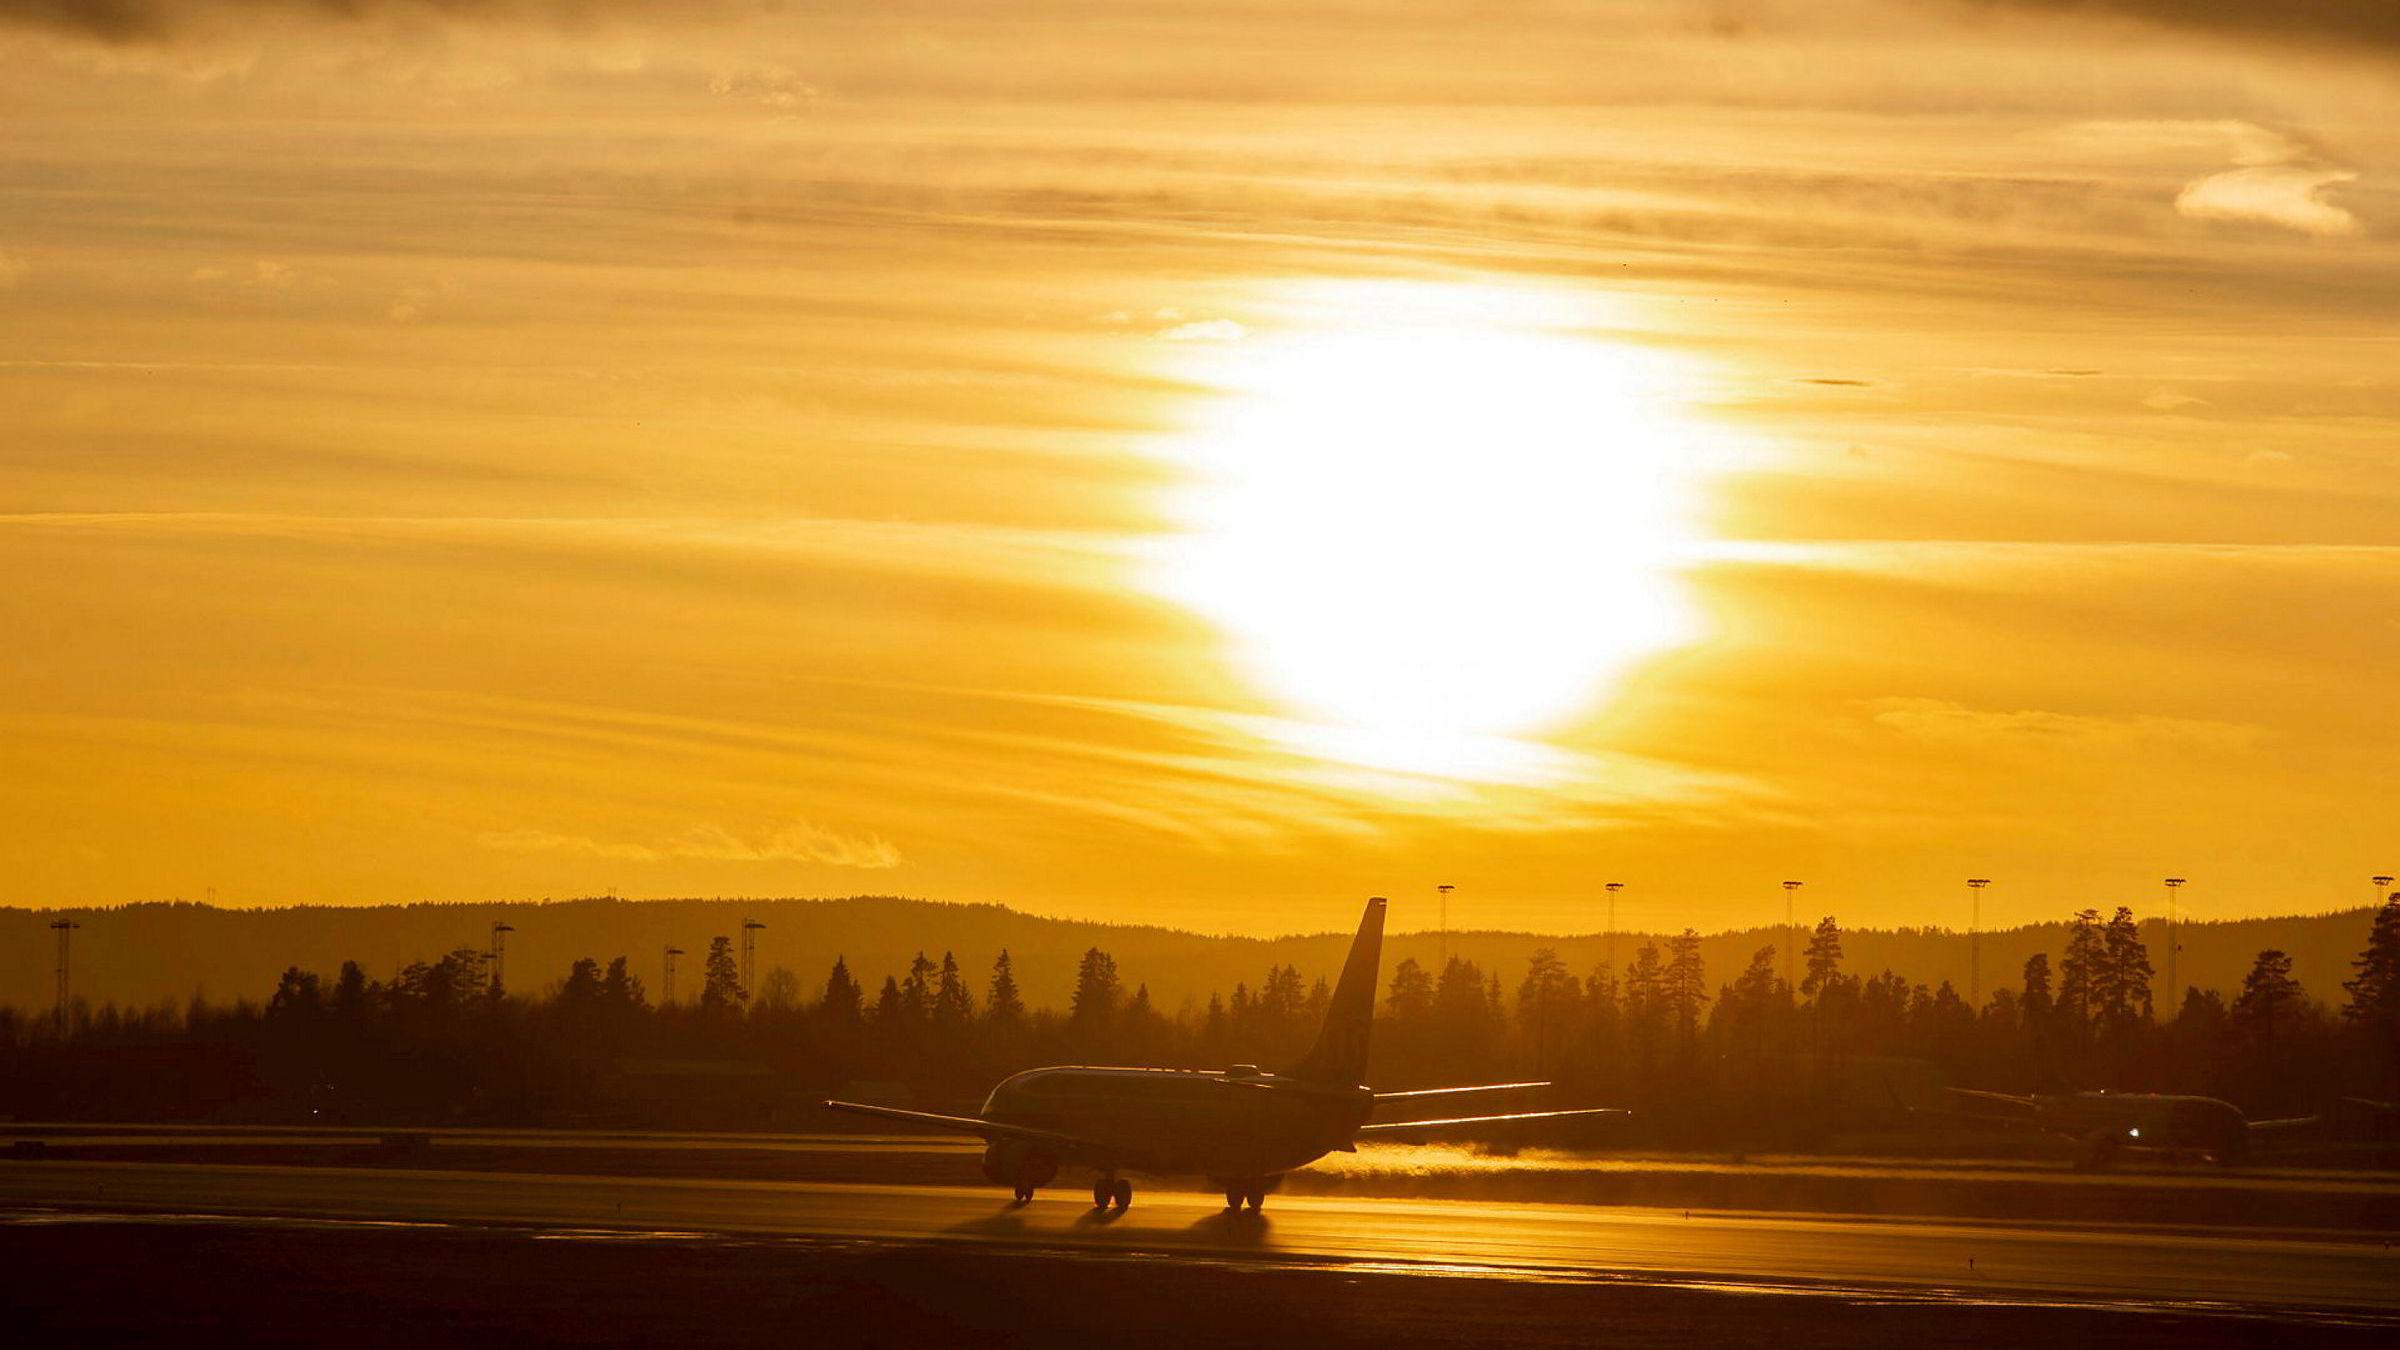 SAS avlyser til Kina. Her et fly fra SAS i solnedgang på østre rullebane på Oslo lufthavn.